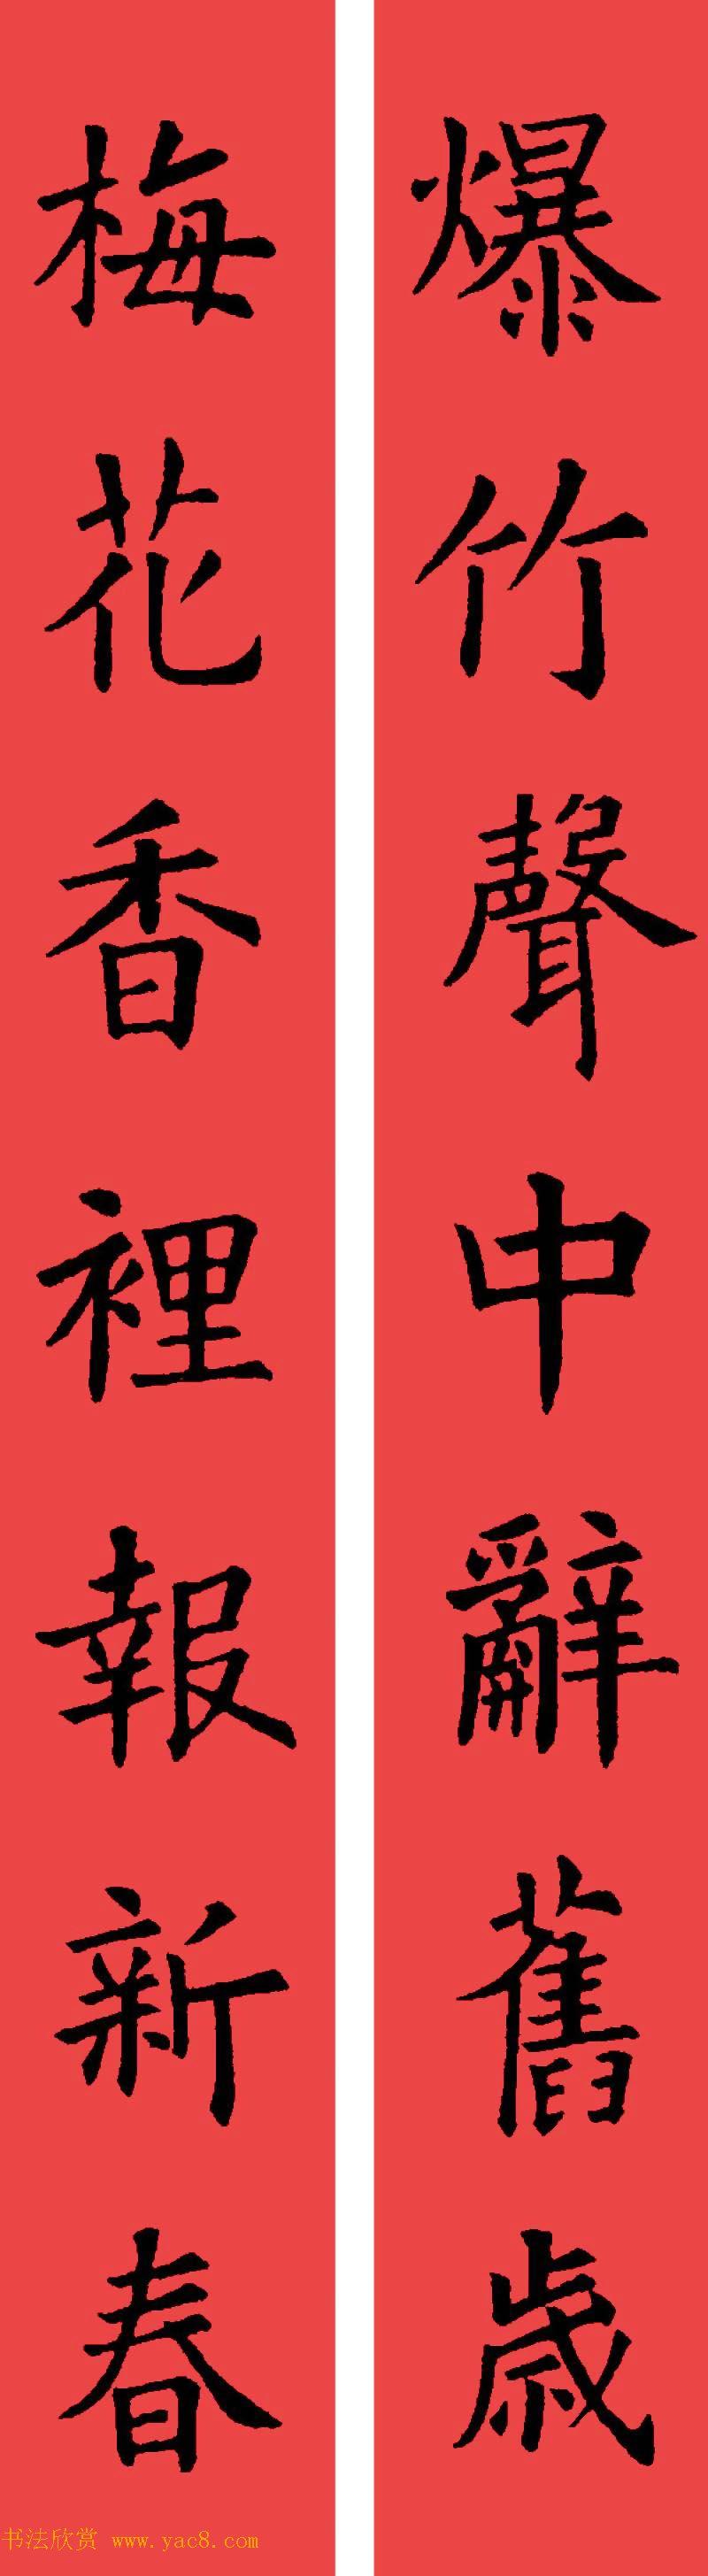 欧阳询楷书集字书法春联32副